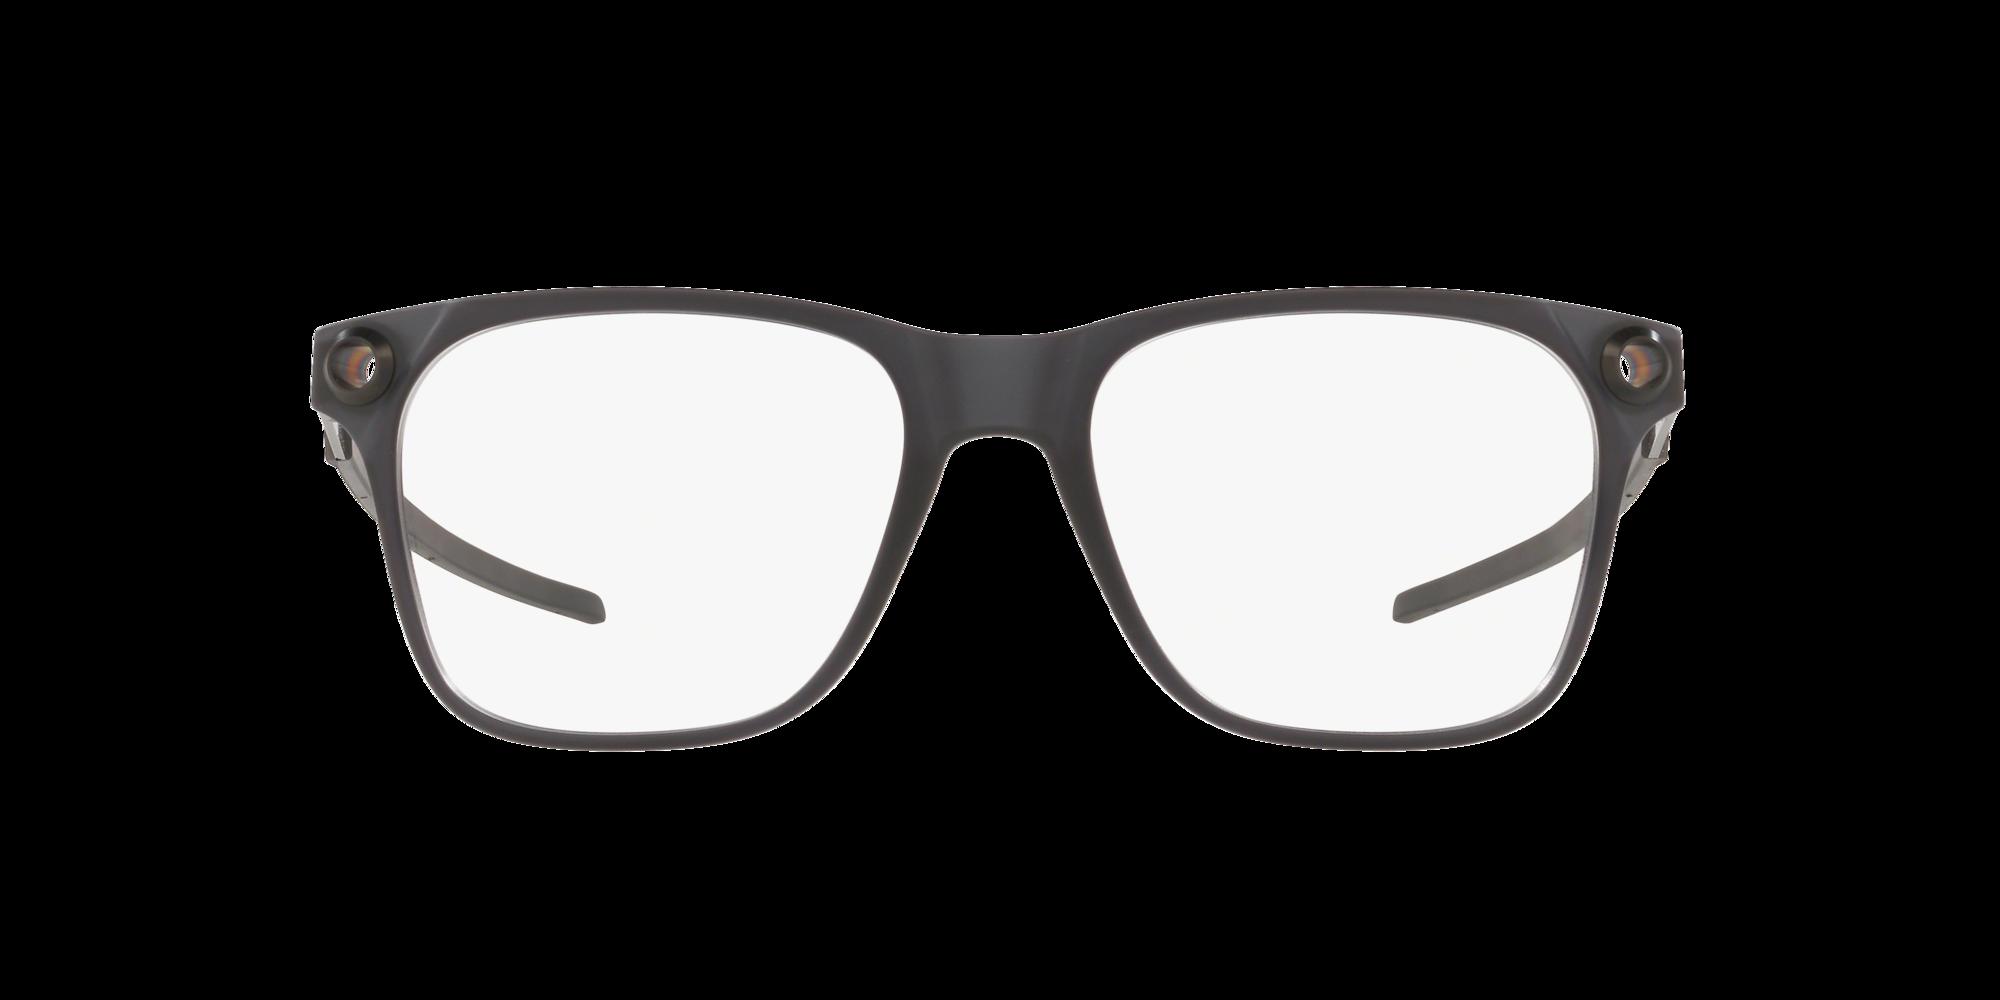 Imagen para ARMAÇÃO DE PLÁSTICO MASCULINO de LensCrafters |  Espejuelos, espejuelos graduados en línea, gafas